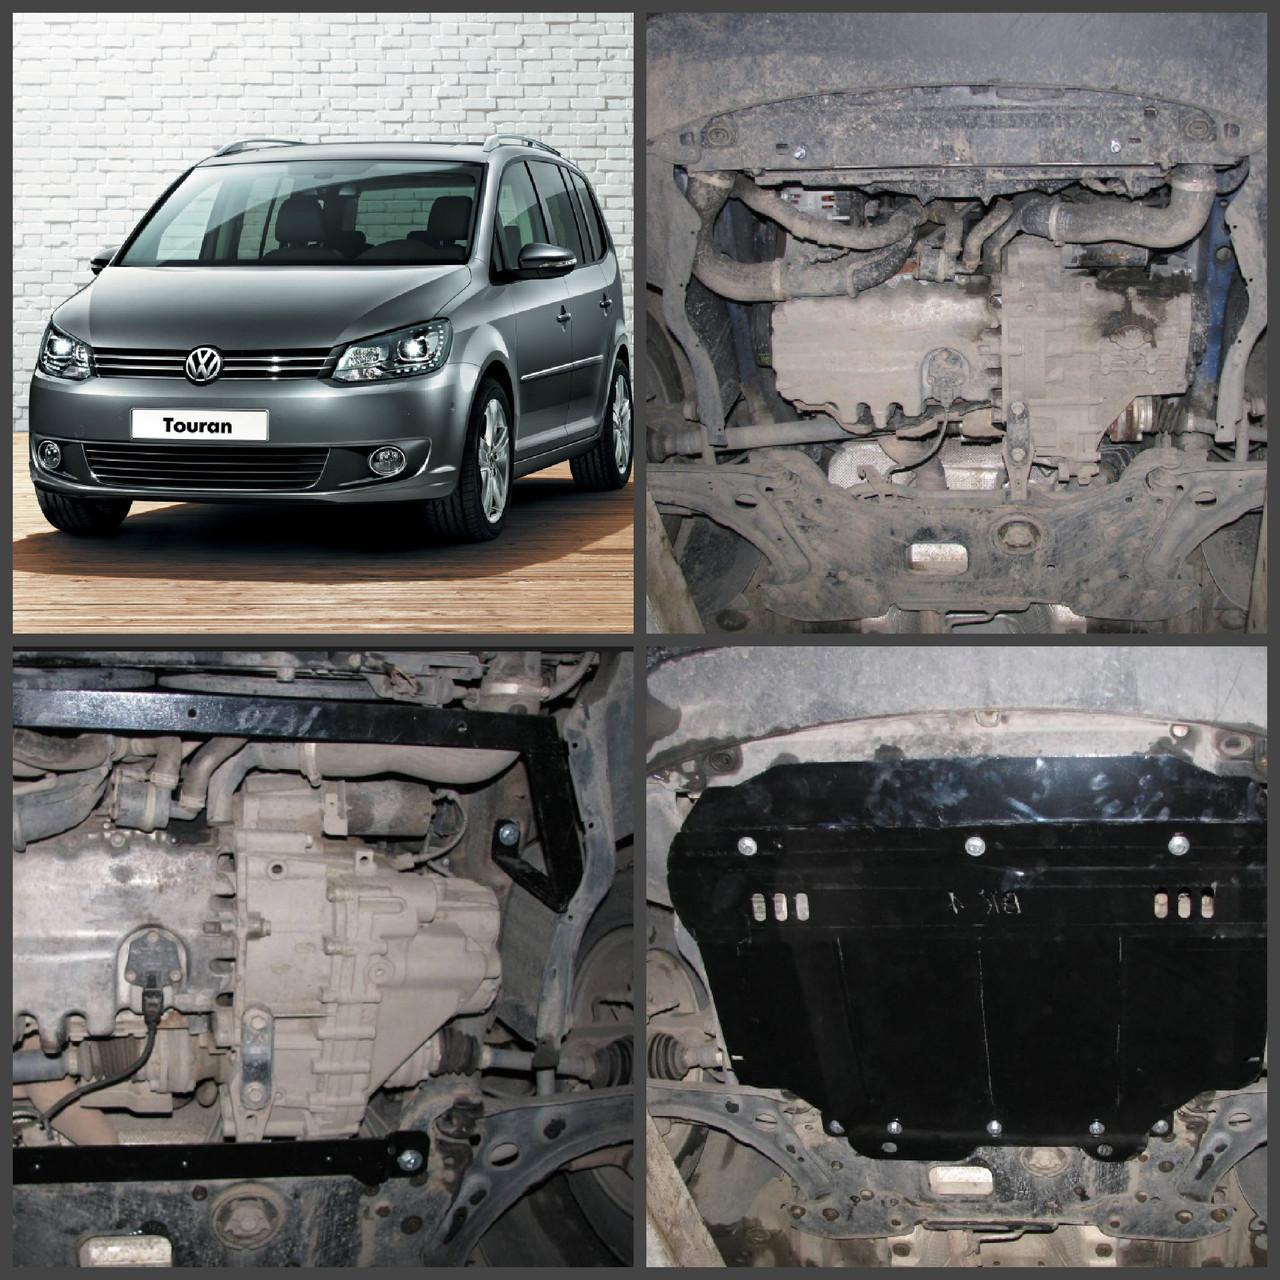 Защита двигателя Volkswagen TOURAN 2003-2015 МКПП/АКПП Все двигатели кроме WEBASTO (двигатель+КПП)